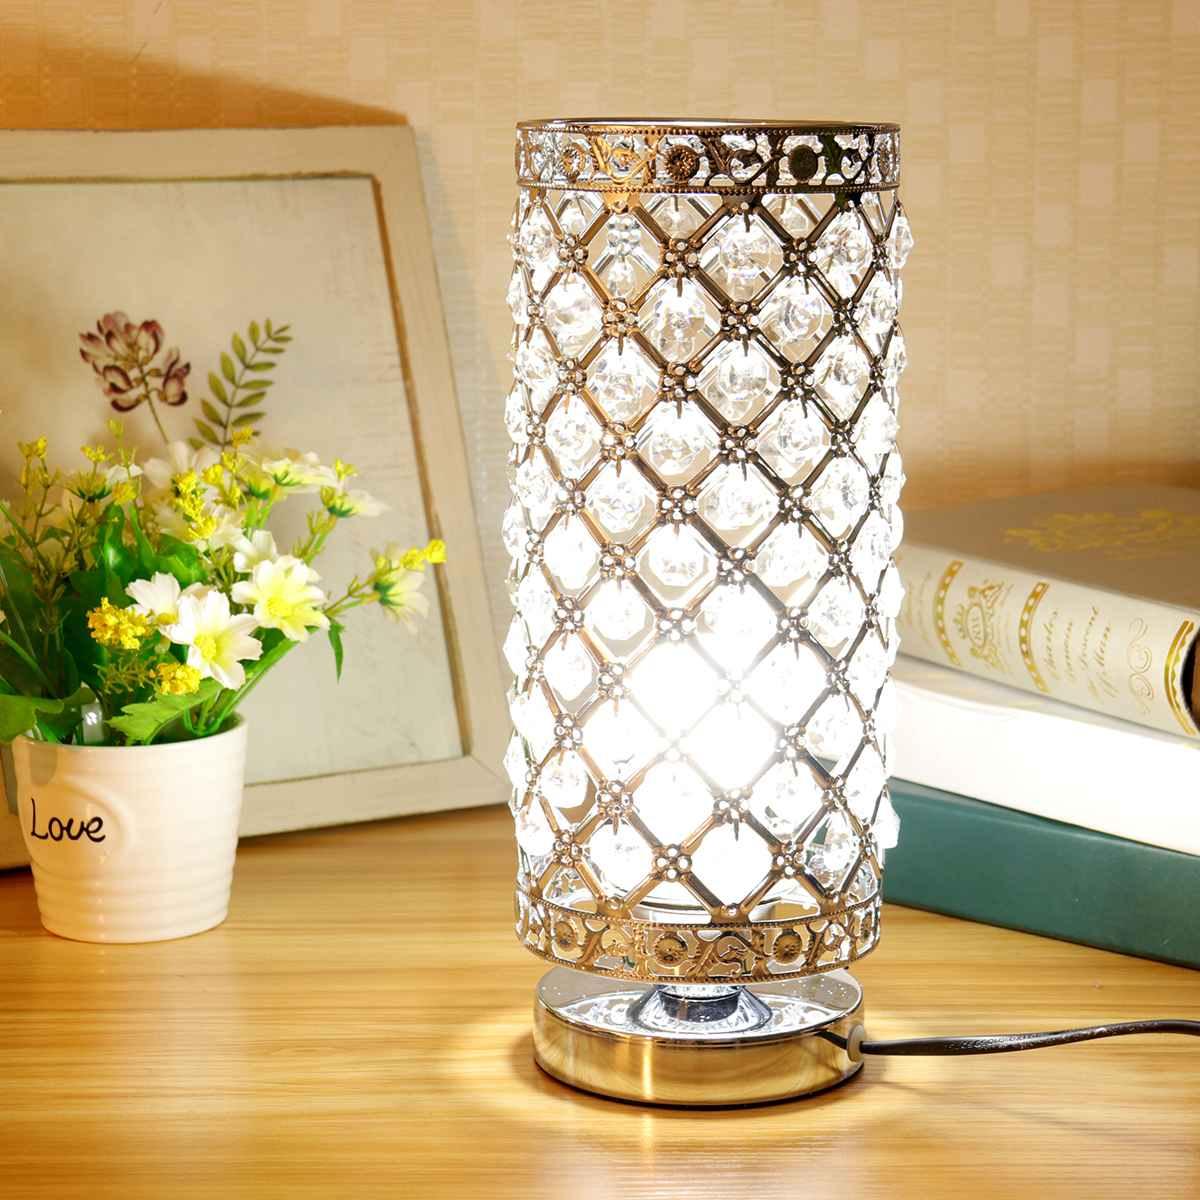 Moderne cristal bureau lampe de Table lumière à côté de la lampe de nuit E27 support maison chambre décoration réglable éclairage intérieur